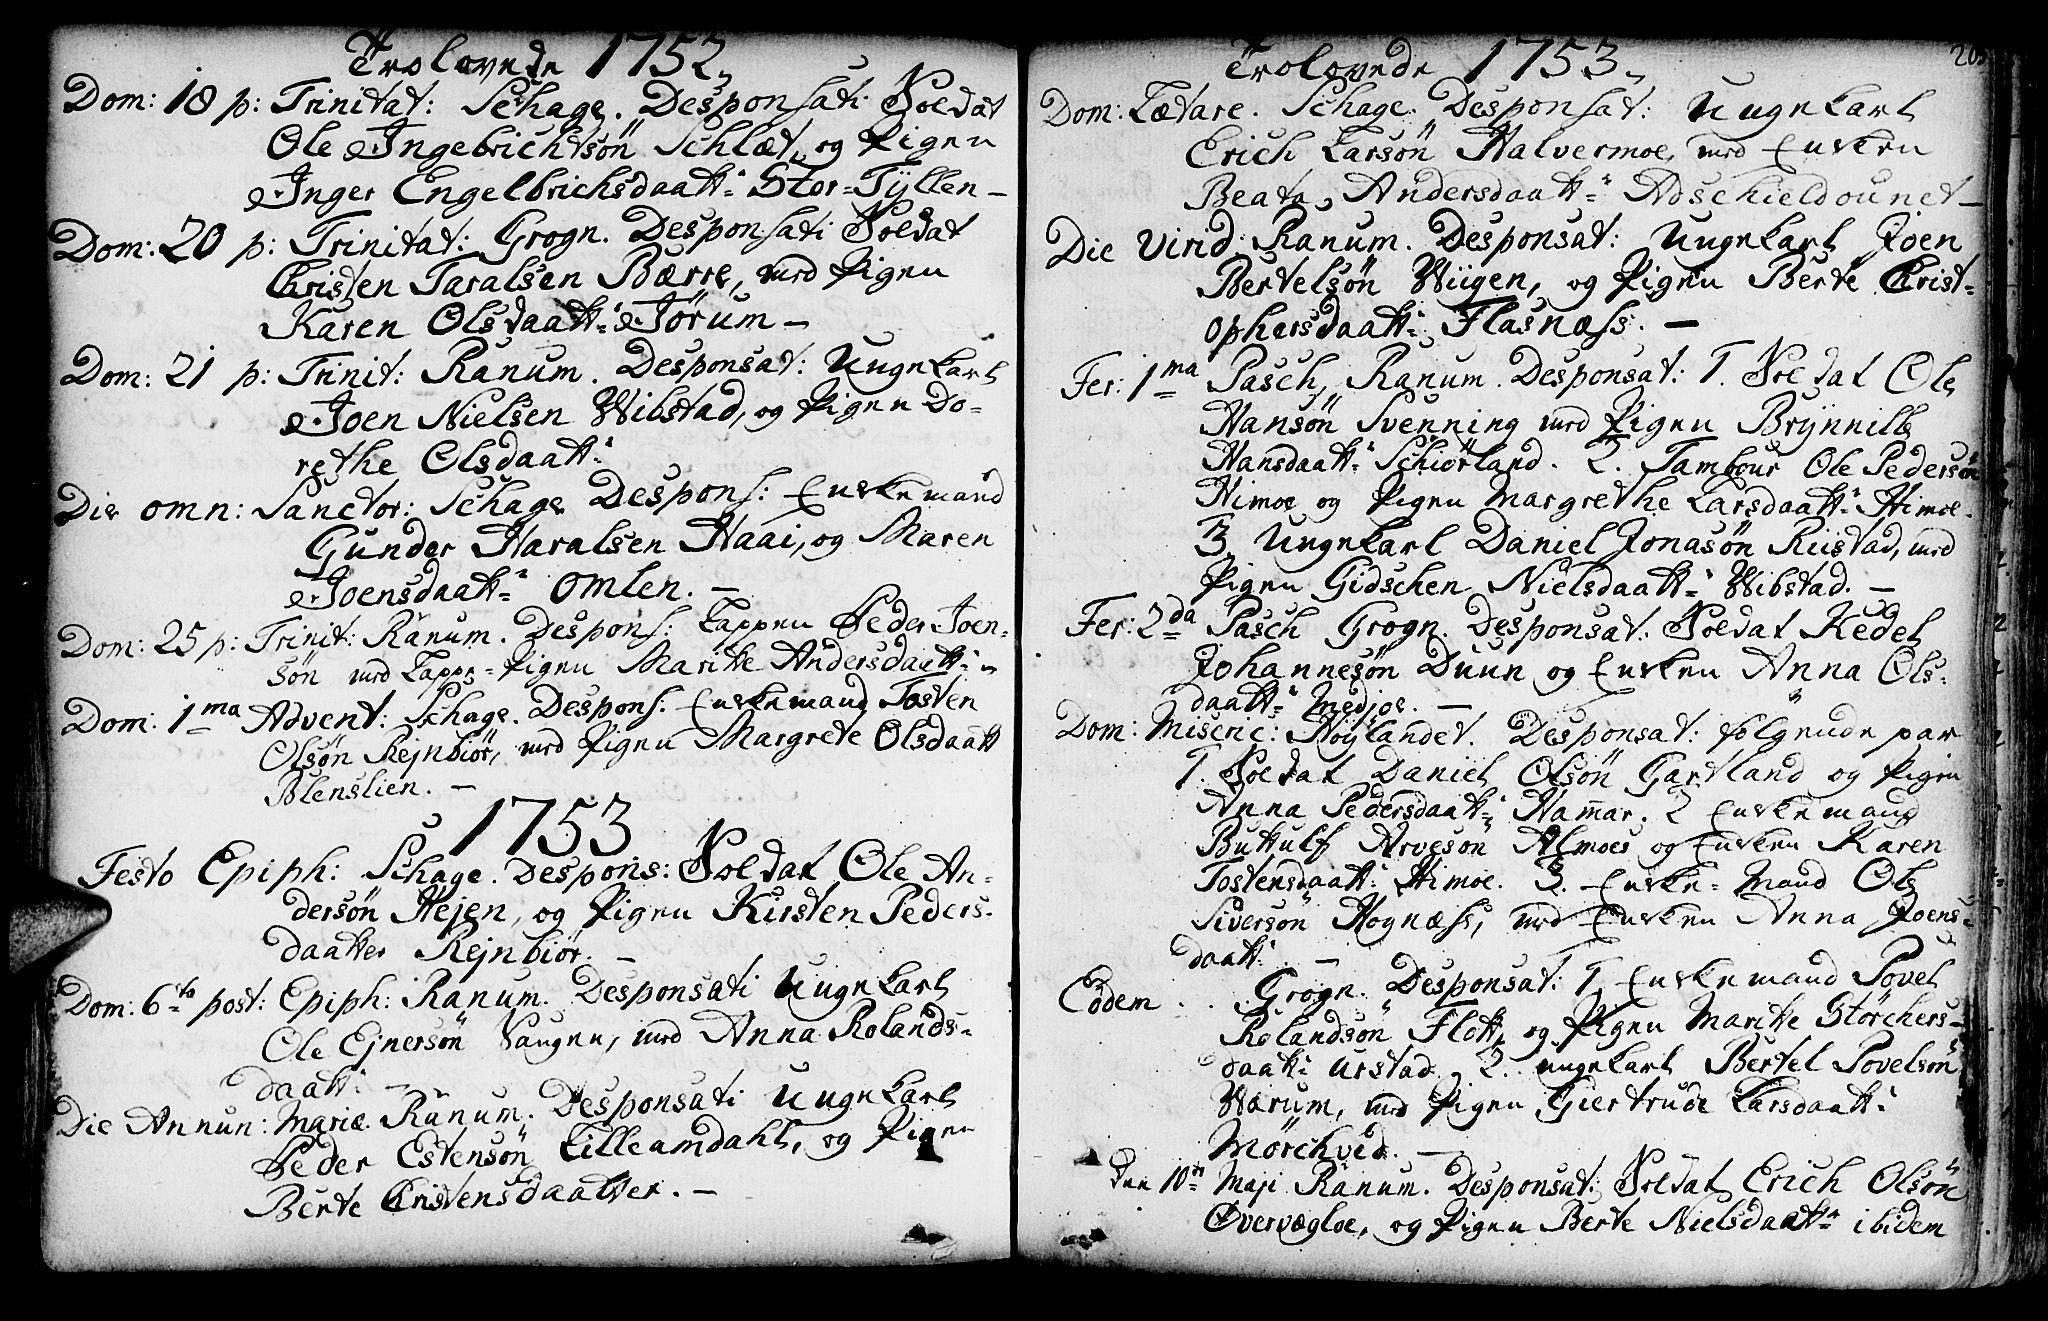 SAT, Ministerialprotokoller, klokkerbøker og fødselsregistre - Nord-Trøndelag, 764/L0542: Ministerialbok nr. 764A02, 1748-1779, s. 205